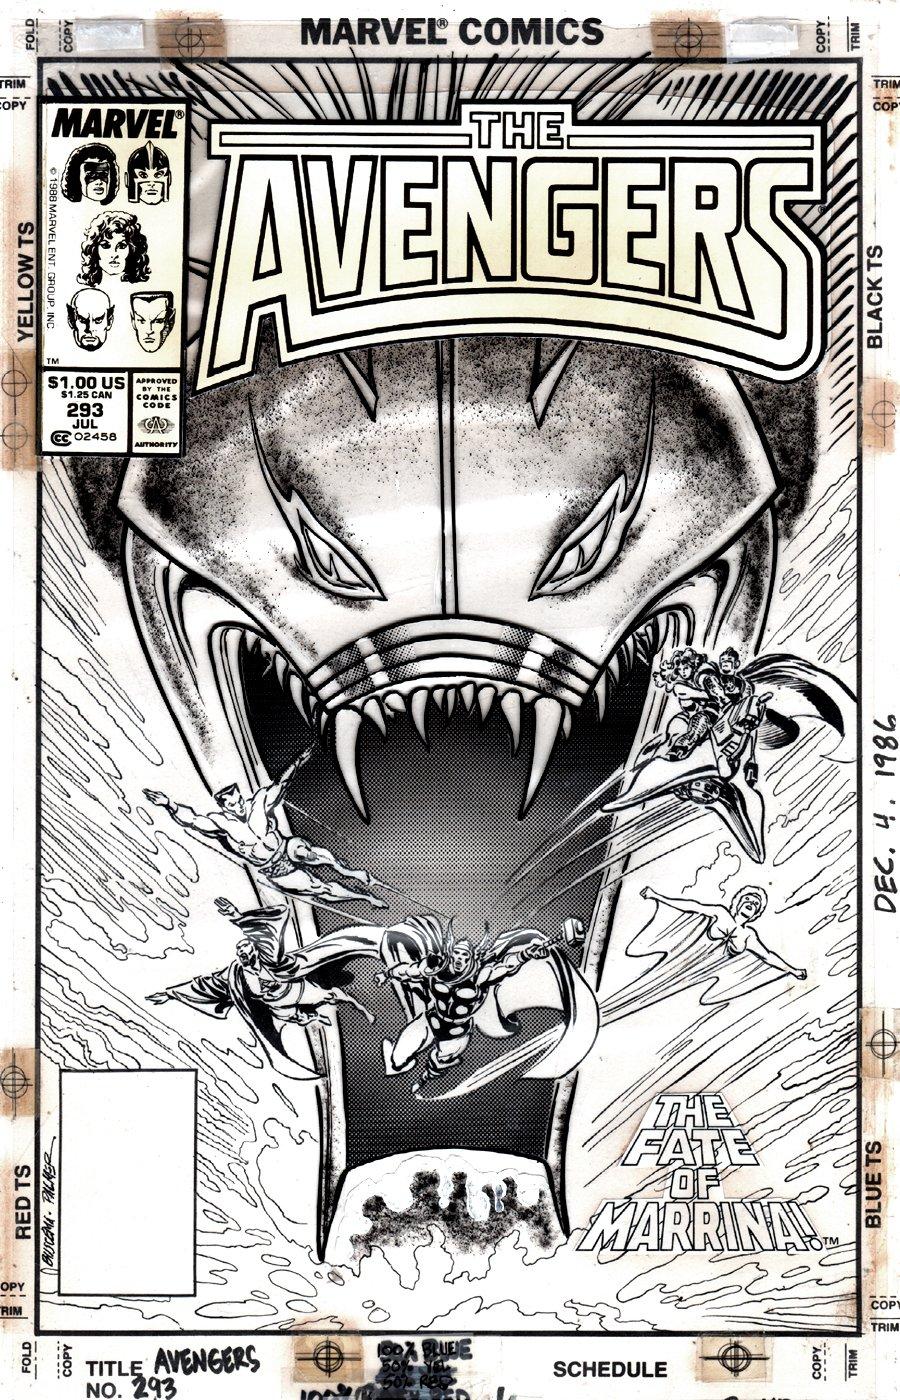 Avengers #293 Cover (6 AVENGERS DRAWN!) 1988